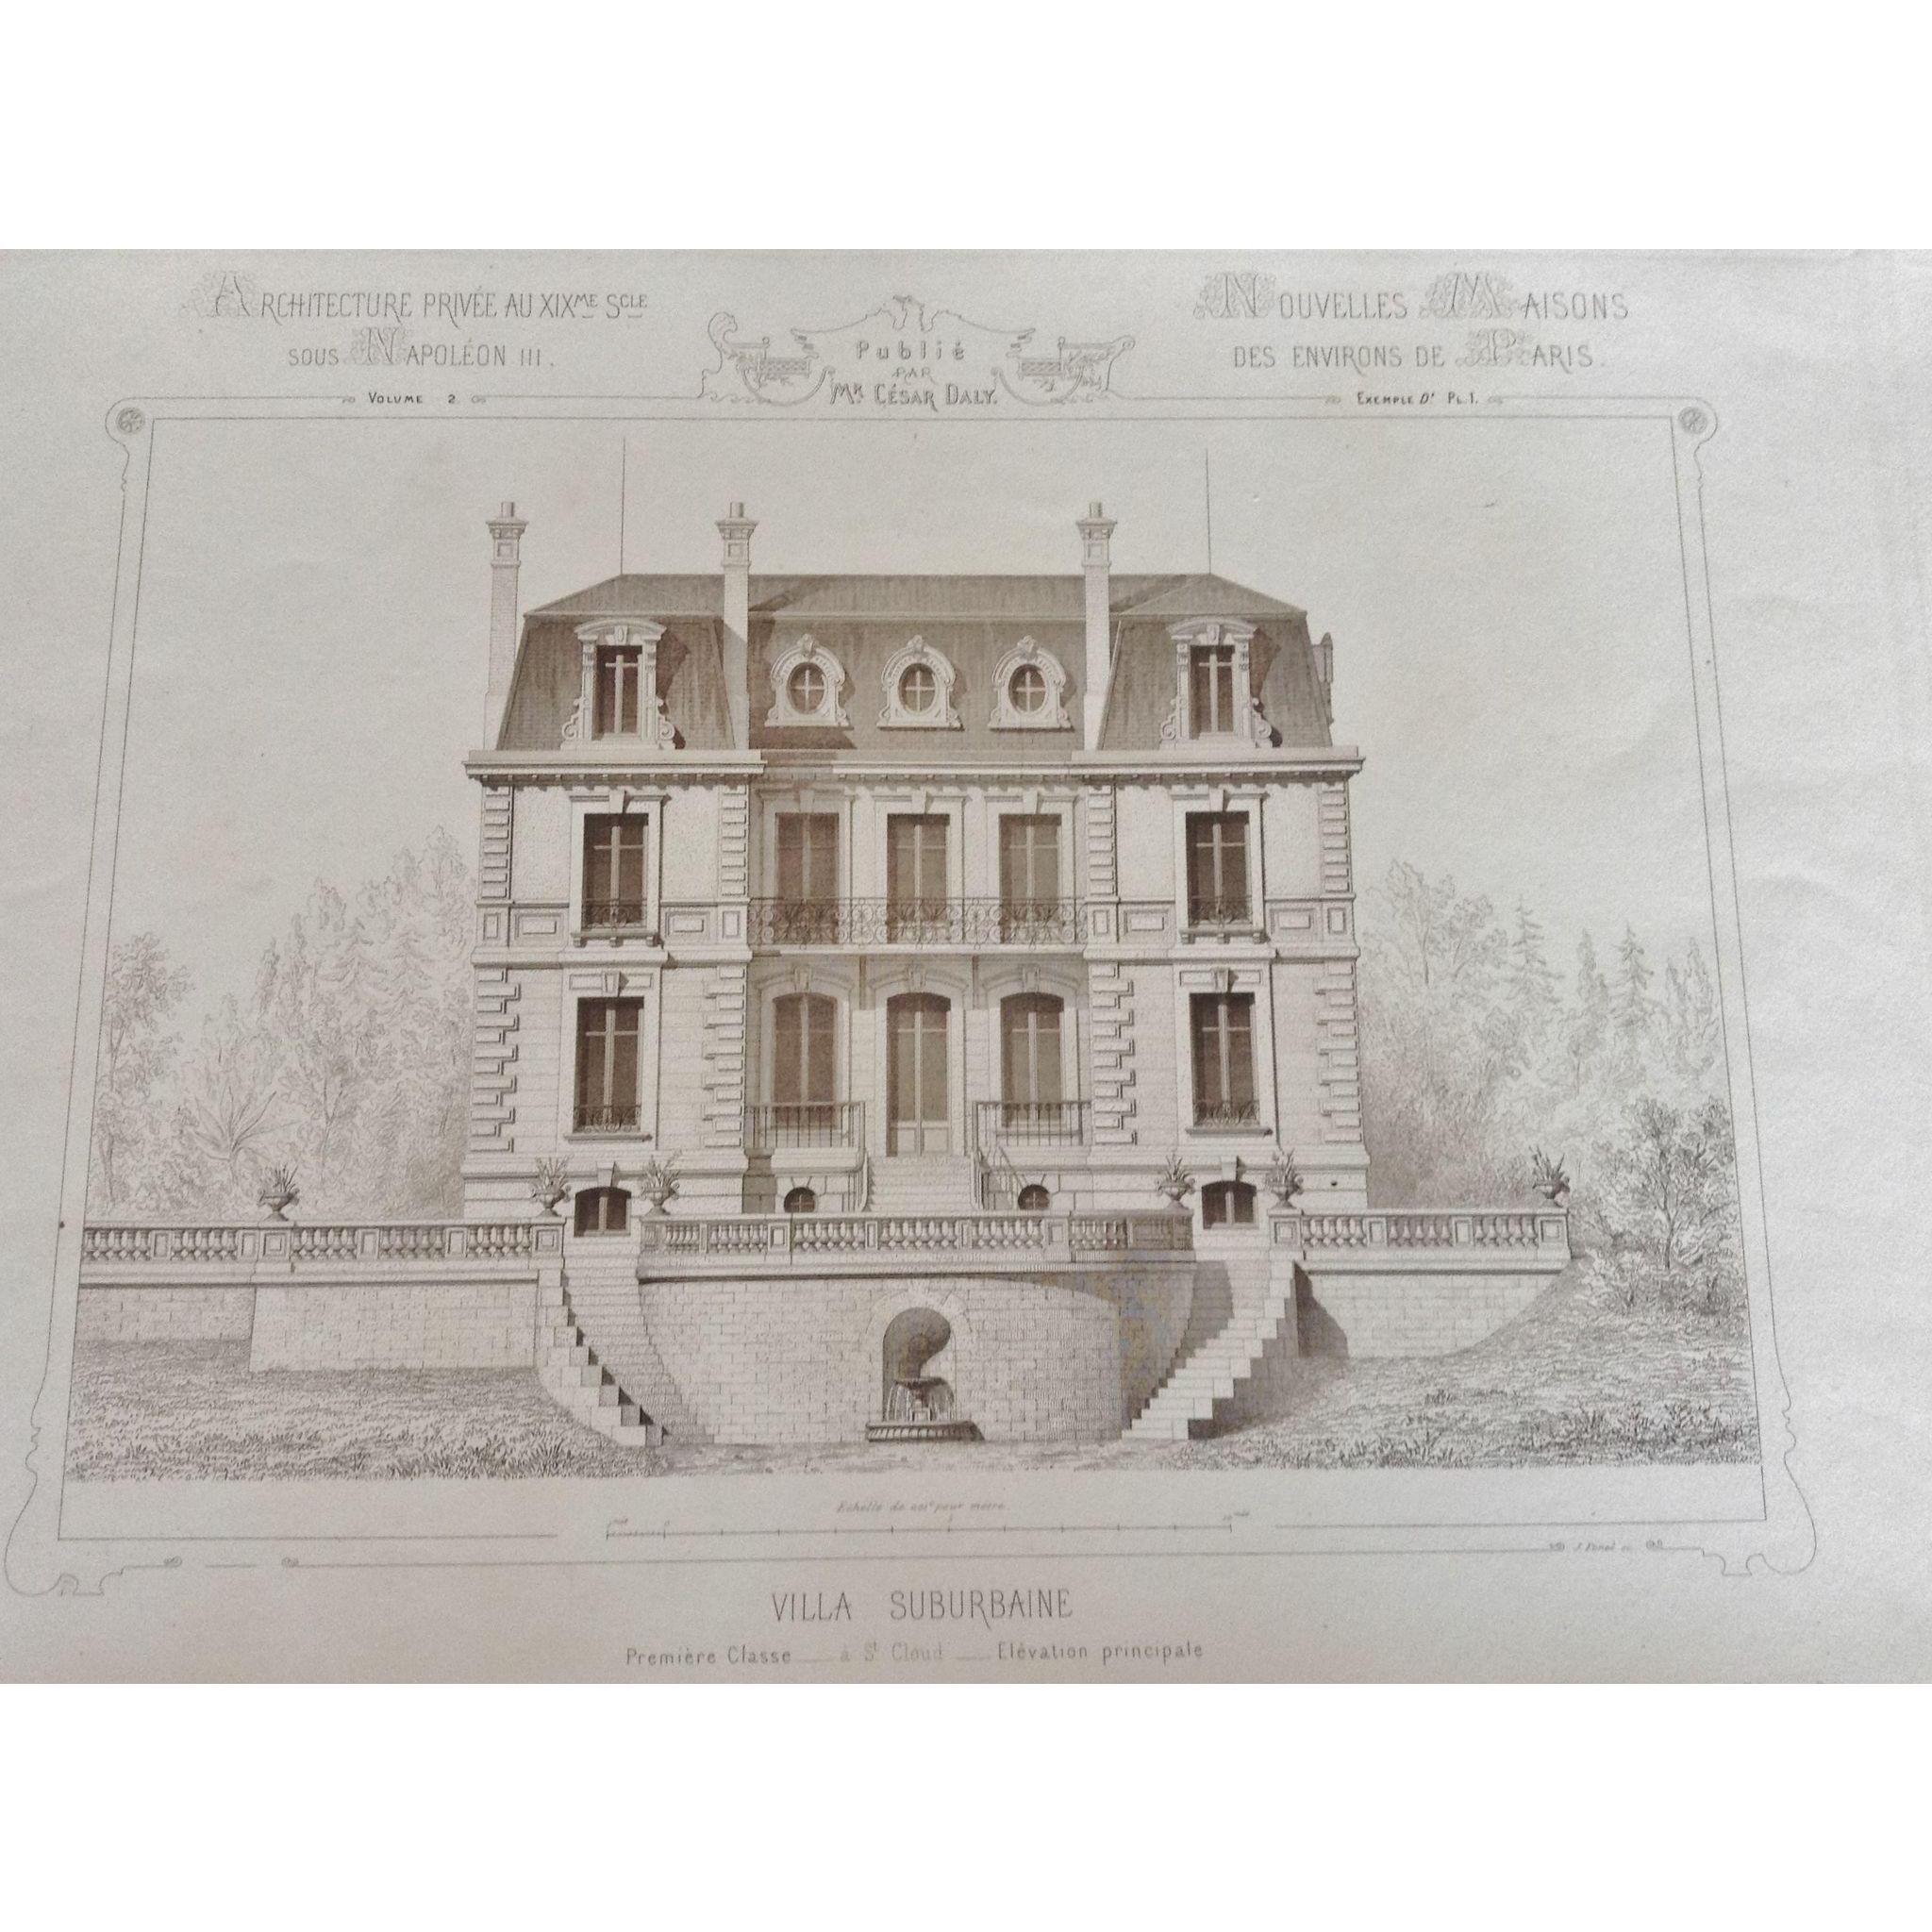 """A Group of 12 Original Antique French Steel Engravings, """"Architecture Privee-Nouvelle Maisons de Paris"""", 1864 Paris"""